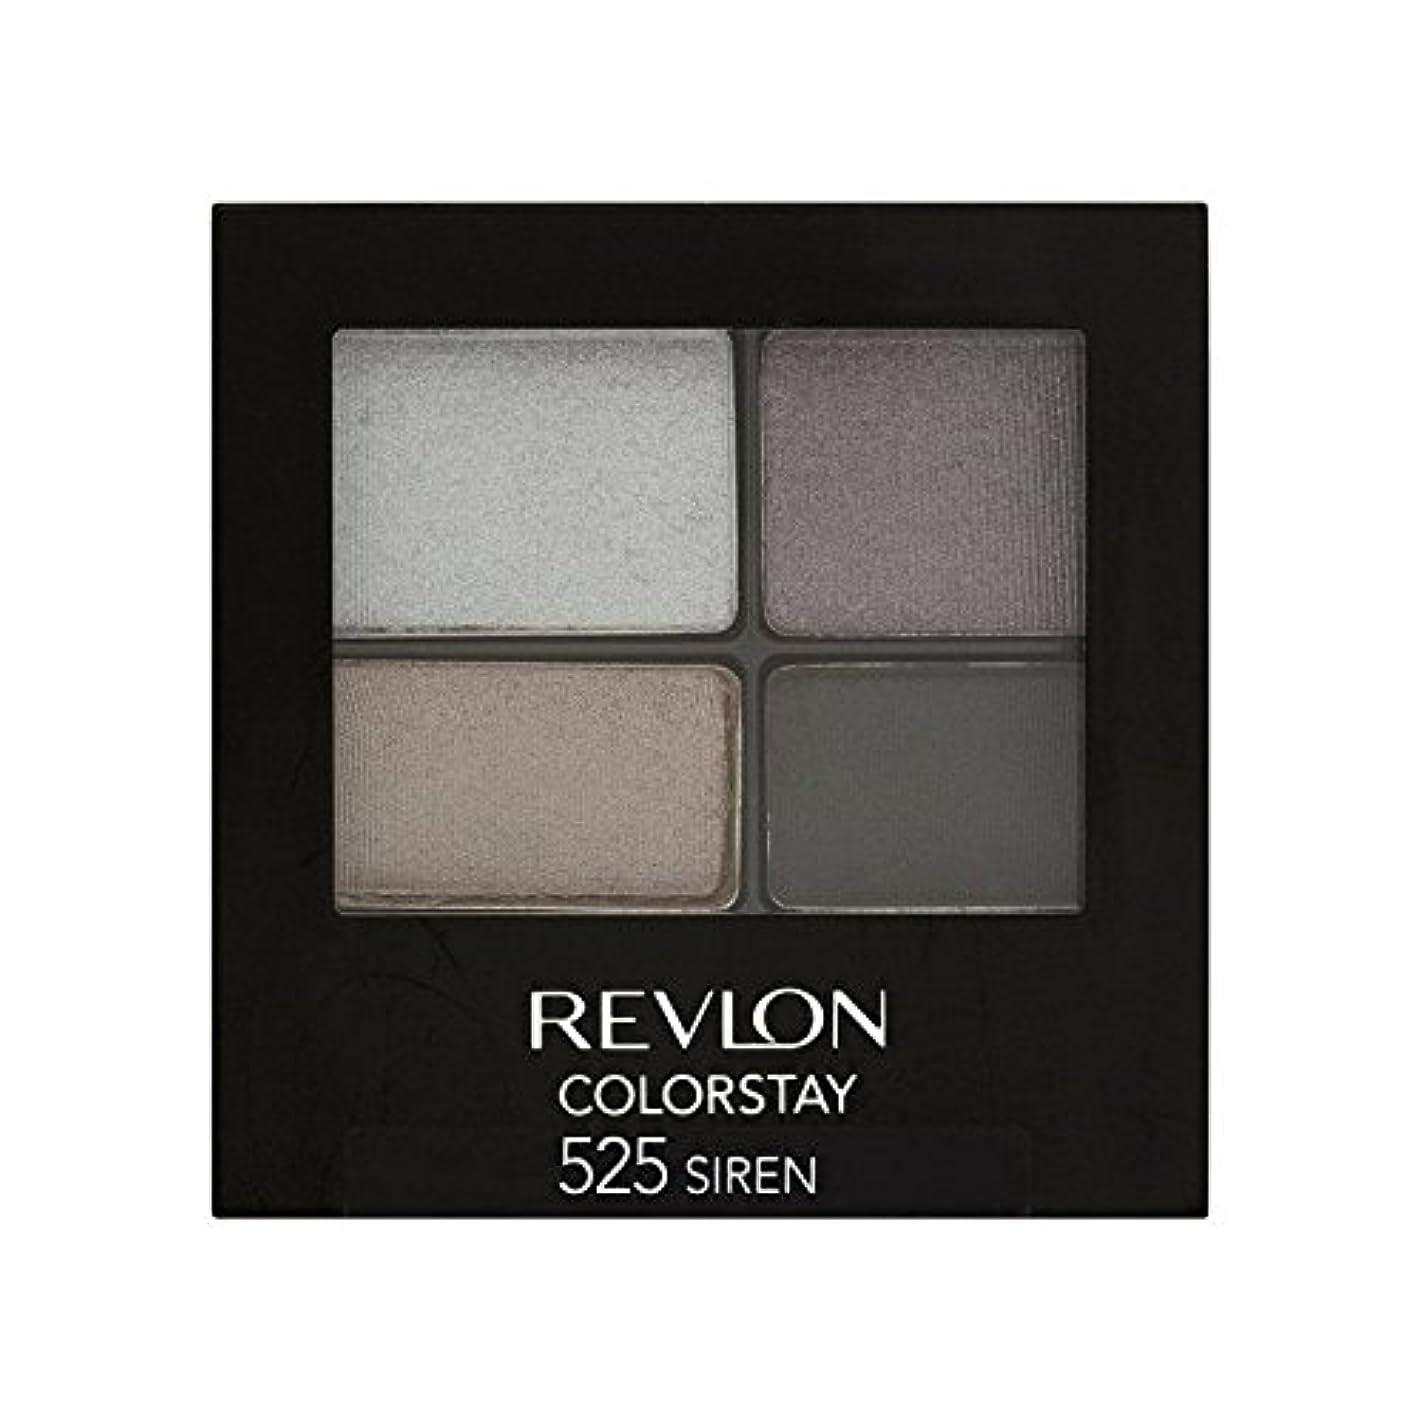 高層ビル受け皿エンドウレブロンの 16時間アイシャドウサイレン525 x2 - Revlon Colorstay 16 Hour Eye Shadow Siren 525 (Pack of 2) [並行輸入品]